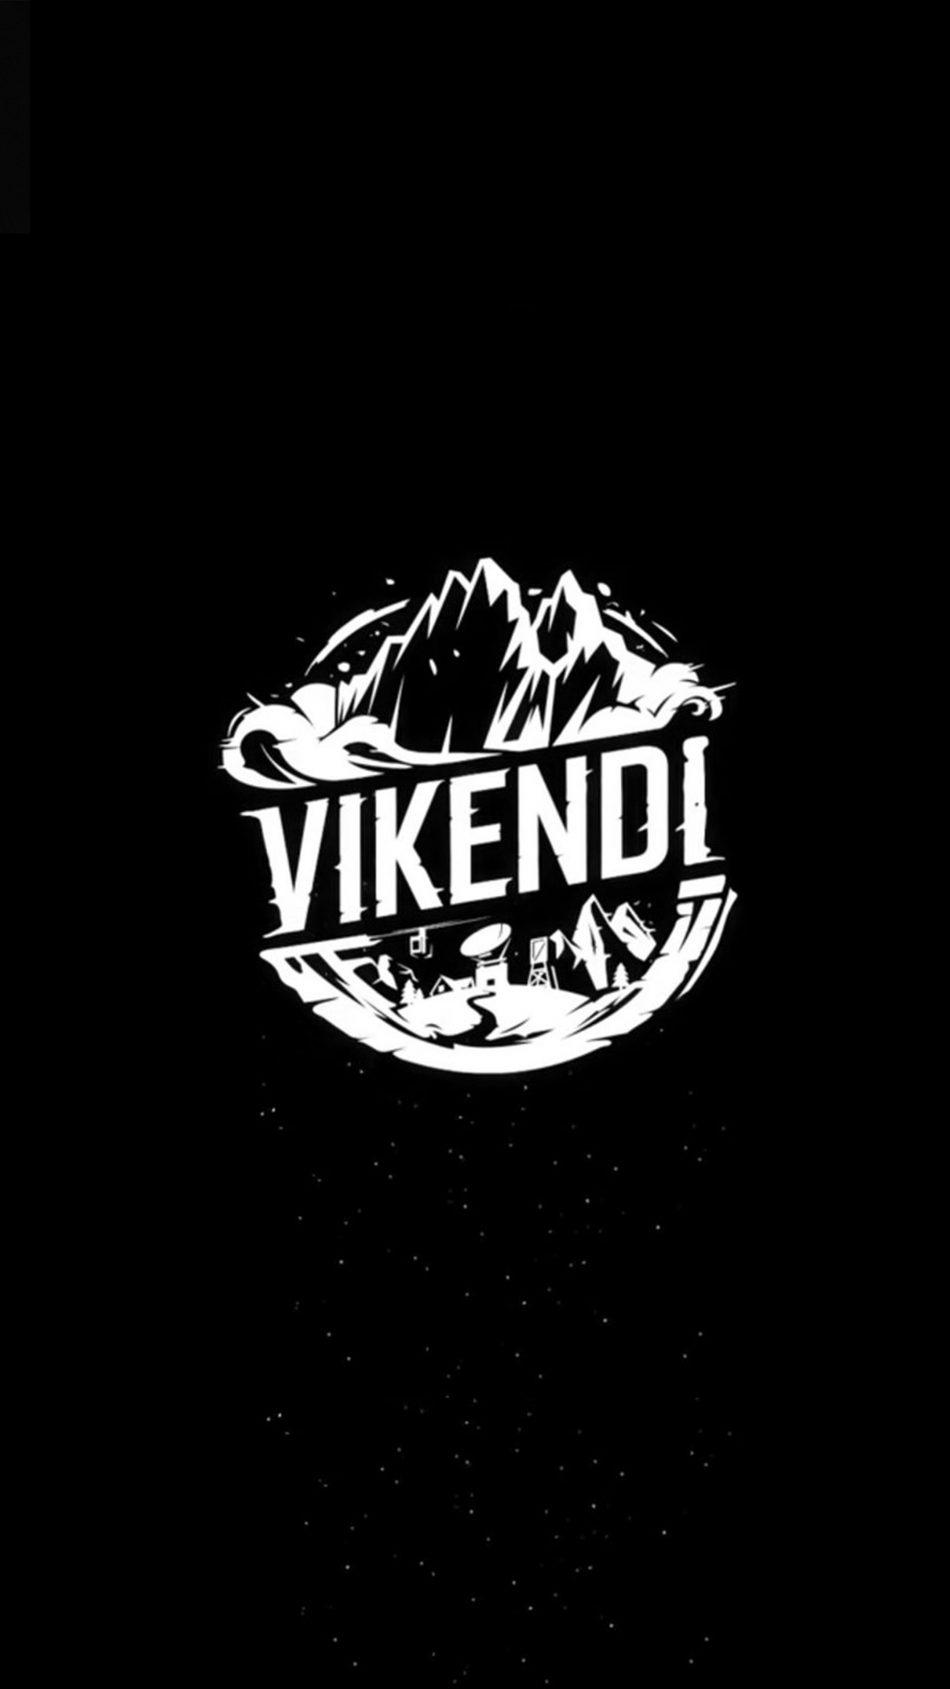 Download Vikendi Playerunknown S Battlegrounds Free Pure 4k